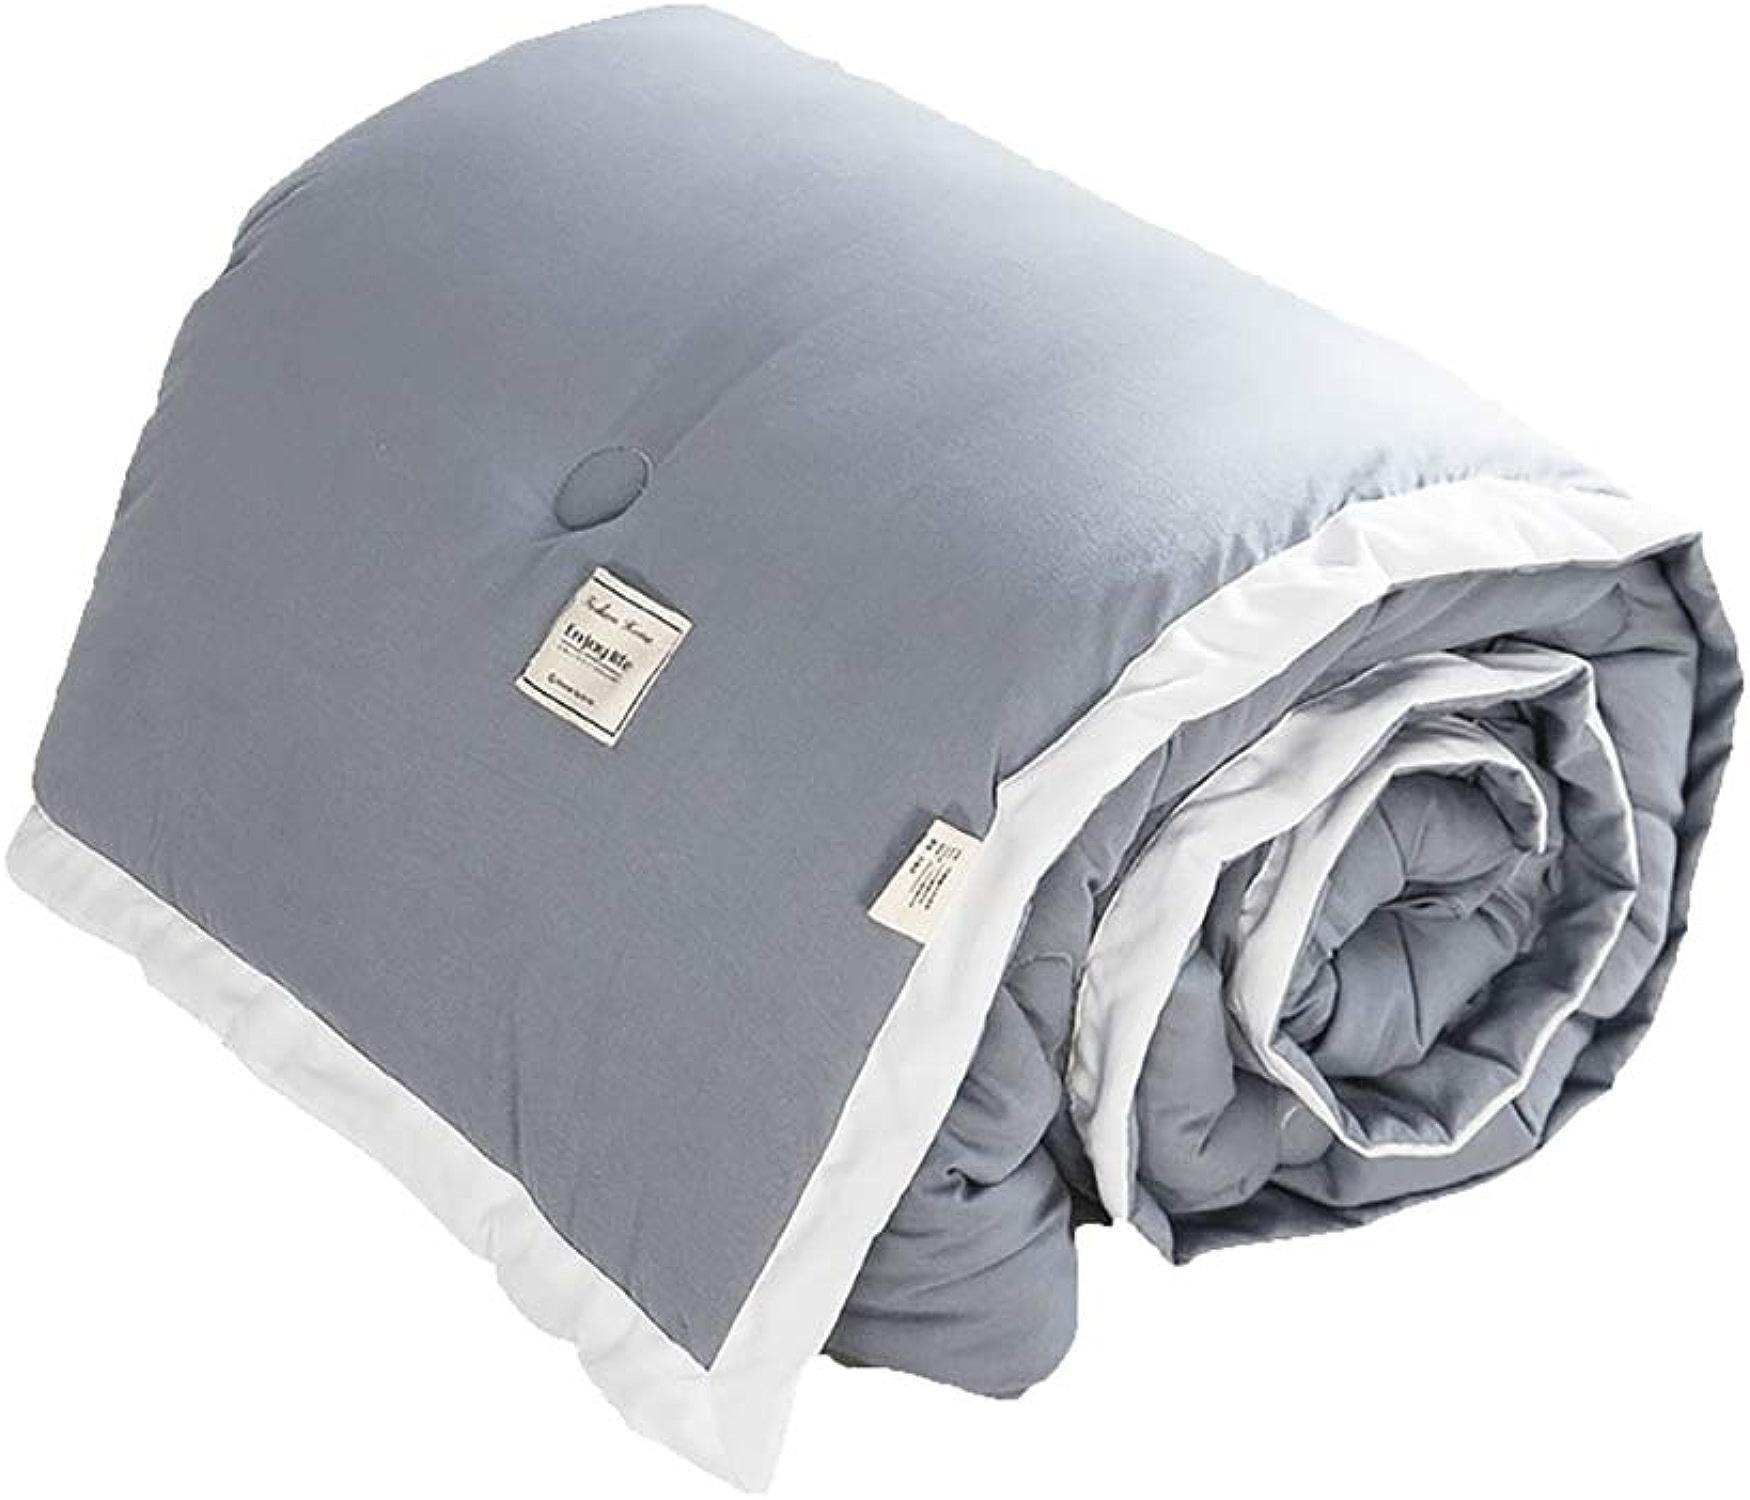 DULPLAY Polyester Down édrougeons Quilts Douceur, Hypo-allergénique édrougeons Couette Couvertures Respirabilité Double couettes-A 200x230cm(79x91inch)